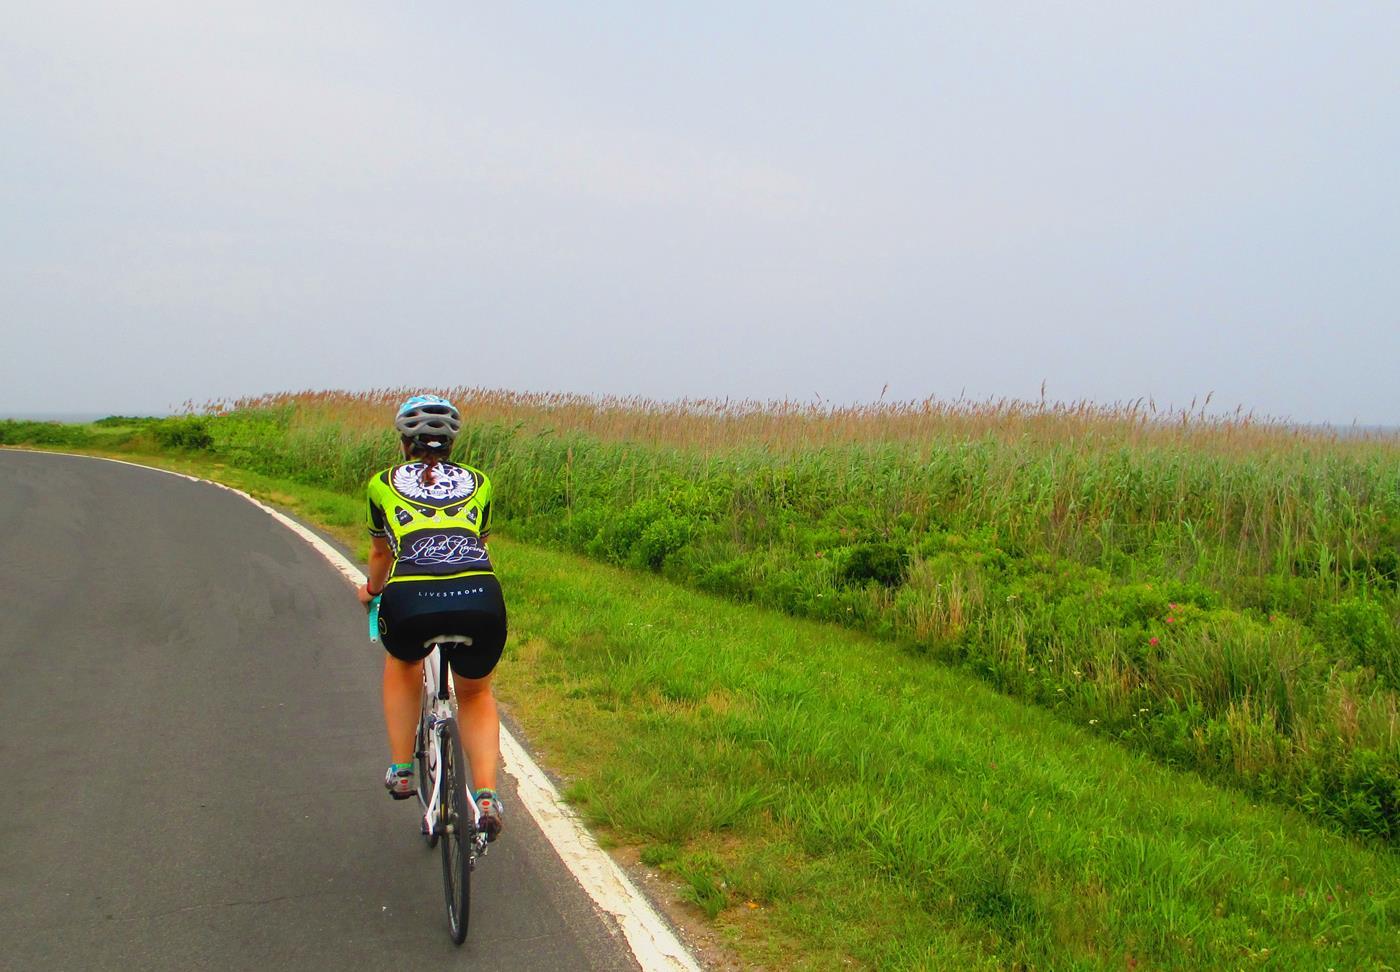 3 Rhode Island biking